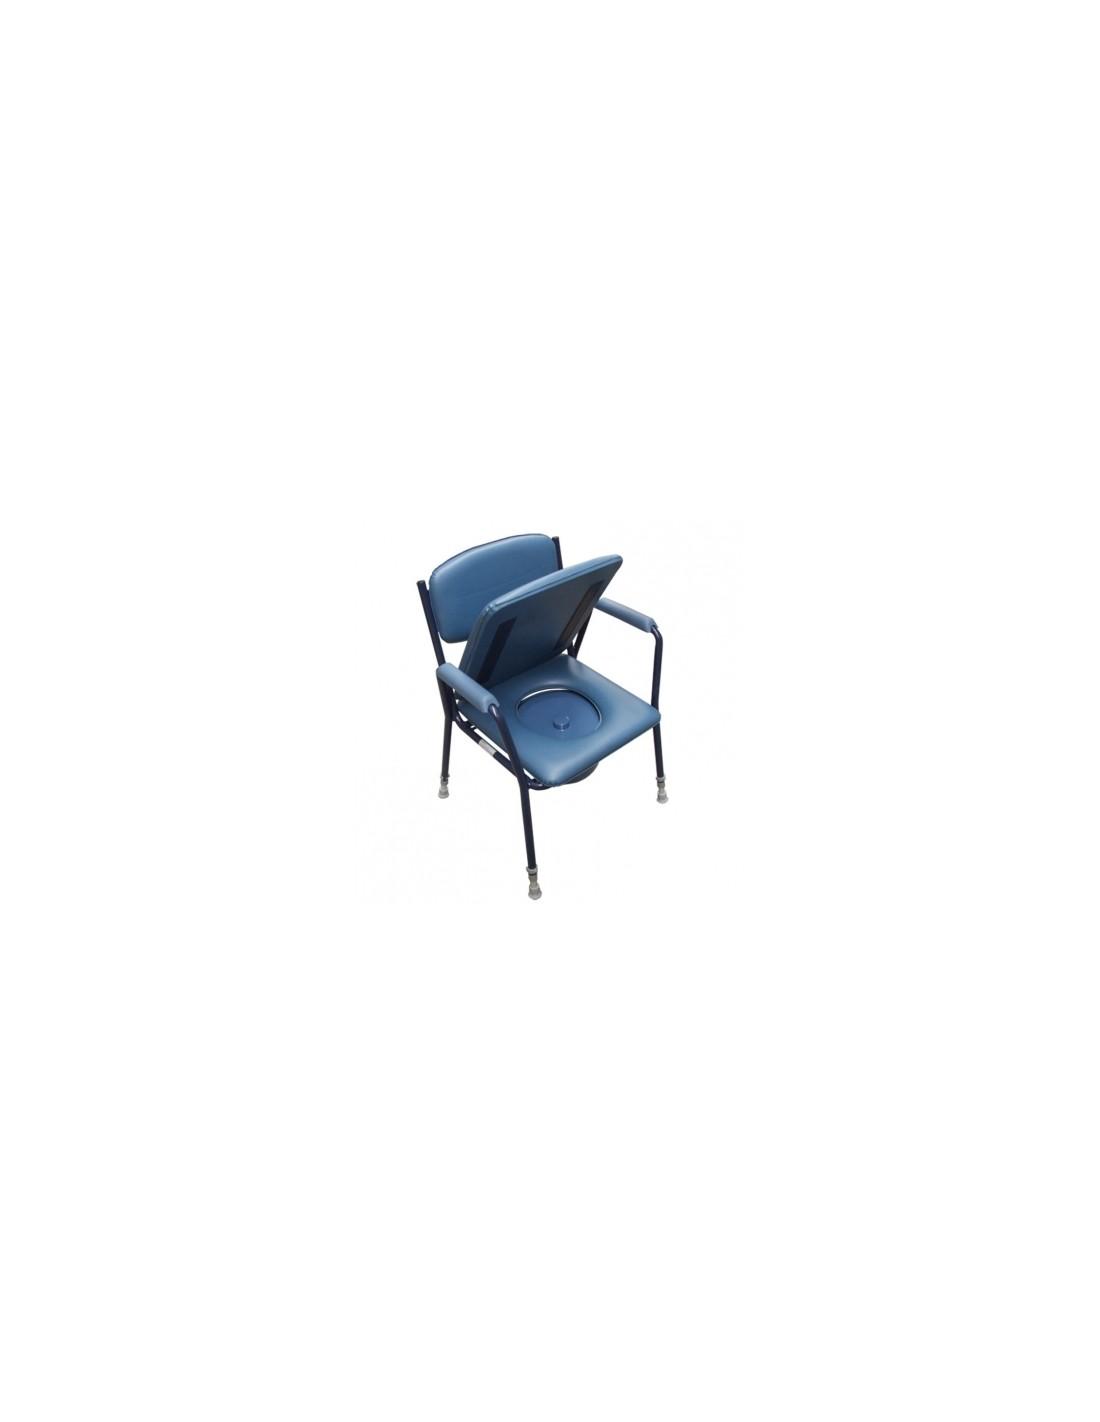 Sedia da comodo regolabile in altezza sanitaria e ortopedia for Altezza sedia